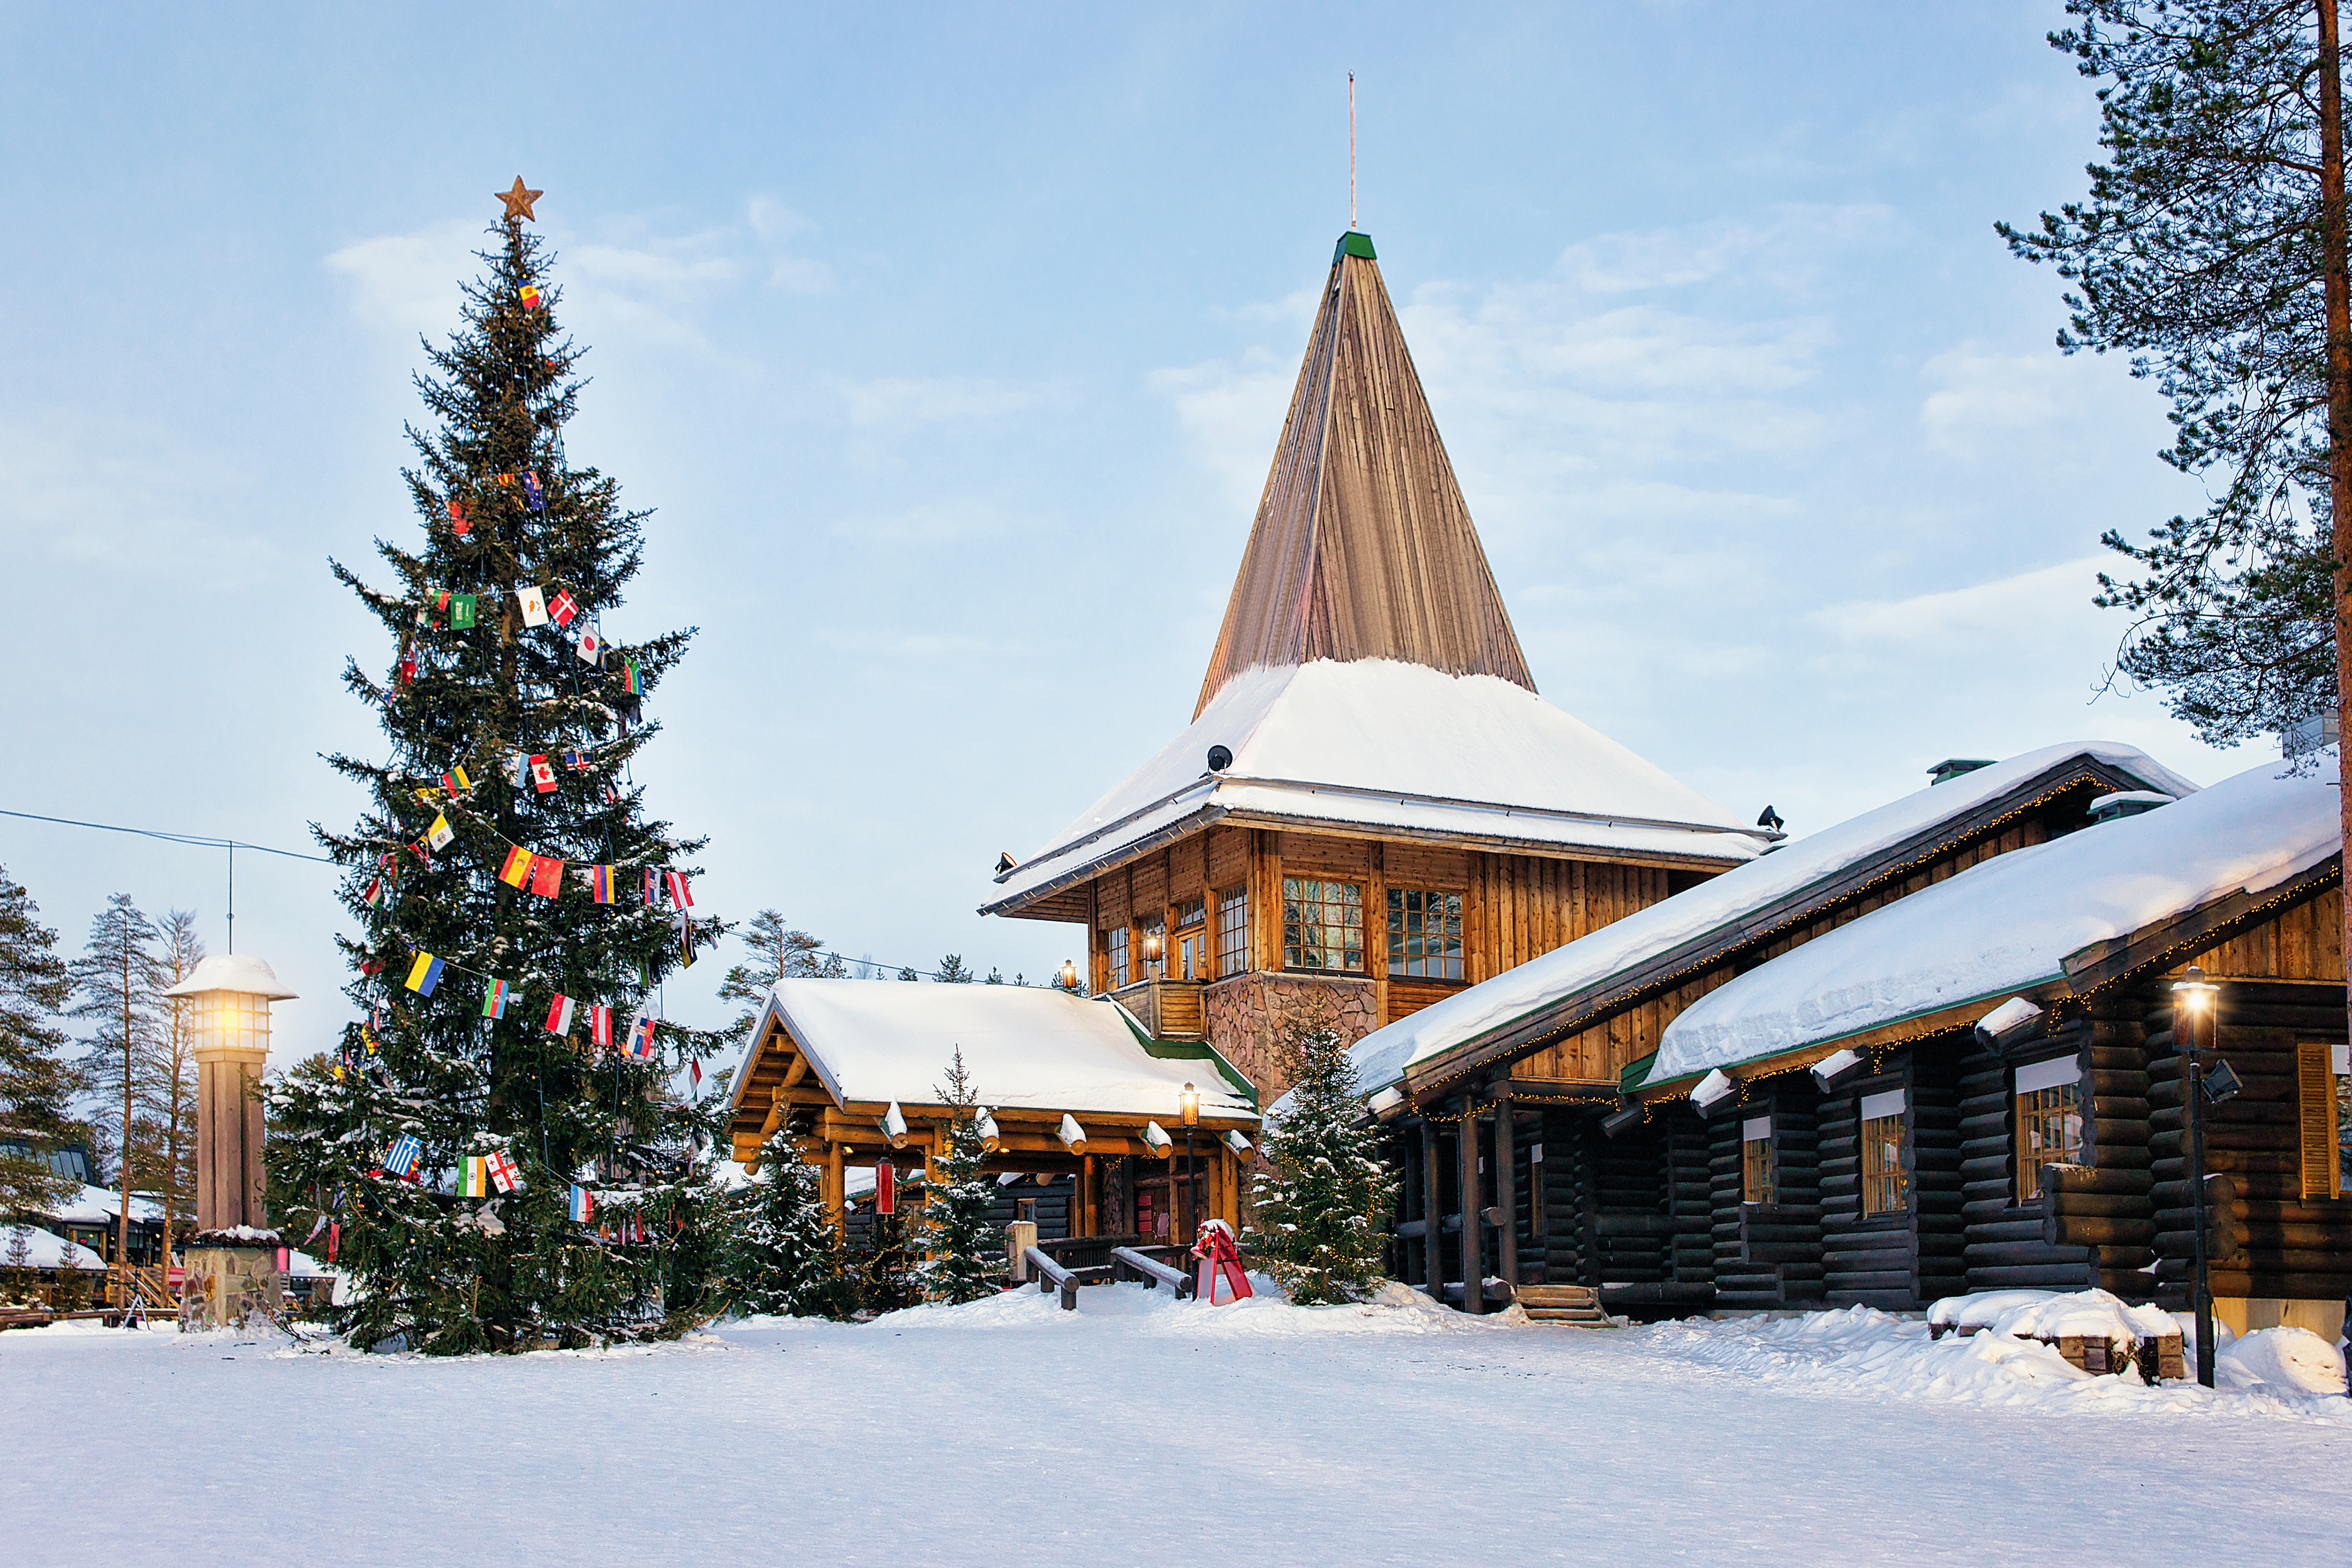 Conocer a Santa Claus en primera persona - Finlandia Circuito Laponia y Ruka